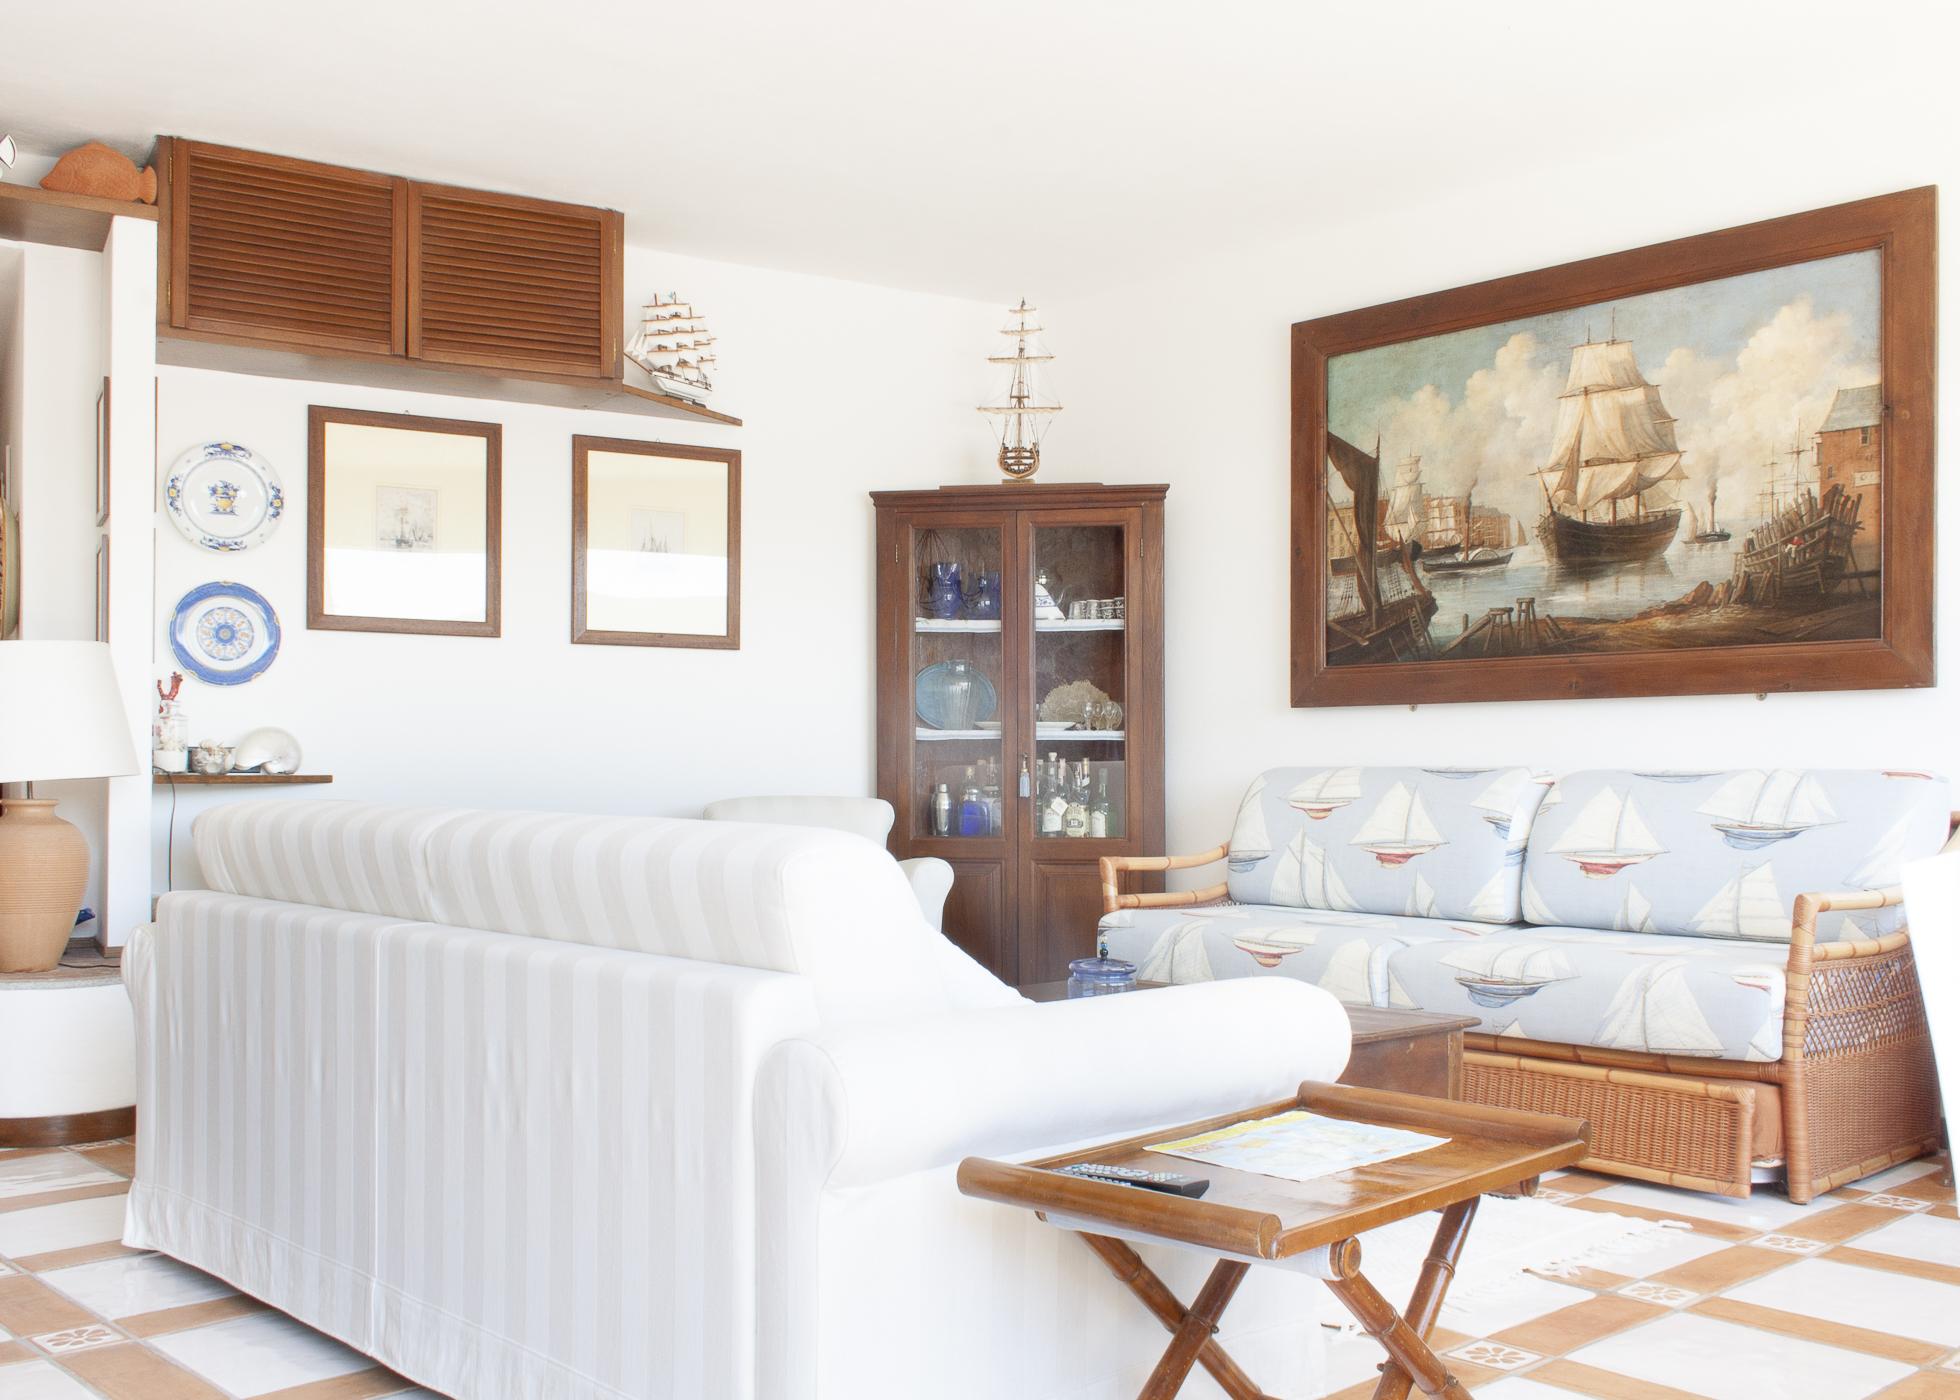 Ferienhaus TERRAZZA SUL MARE (2334401), Marina di Campo, Elba, Toskana, Italien, Bild 7